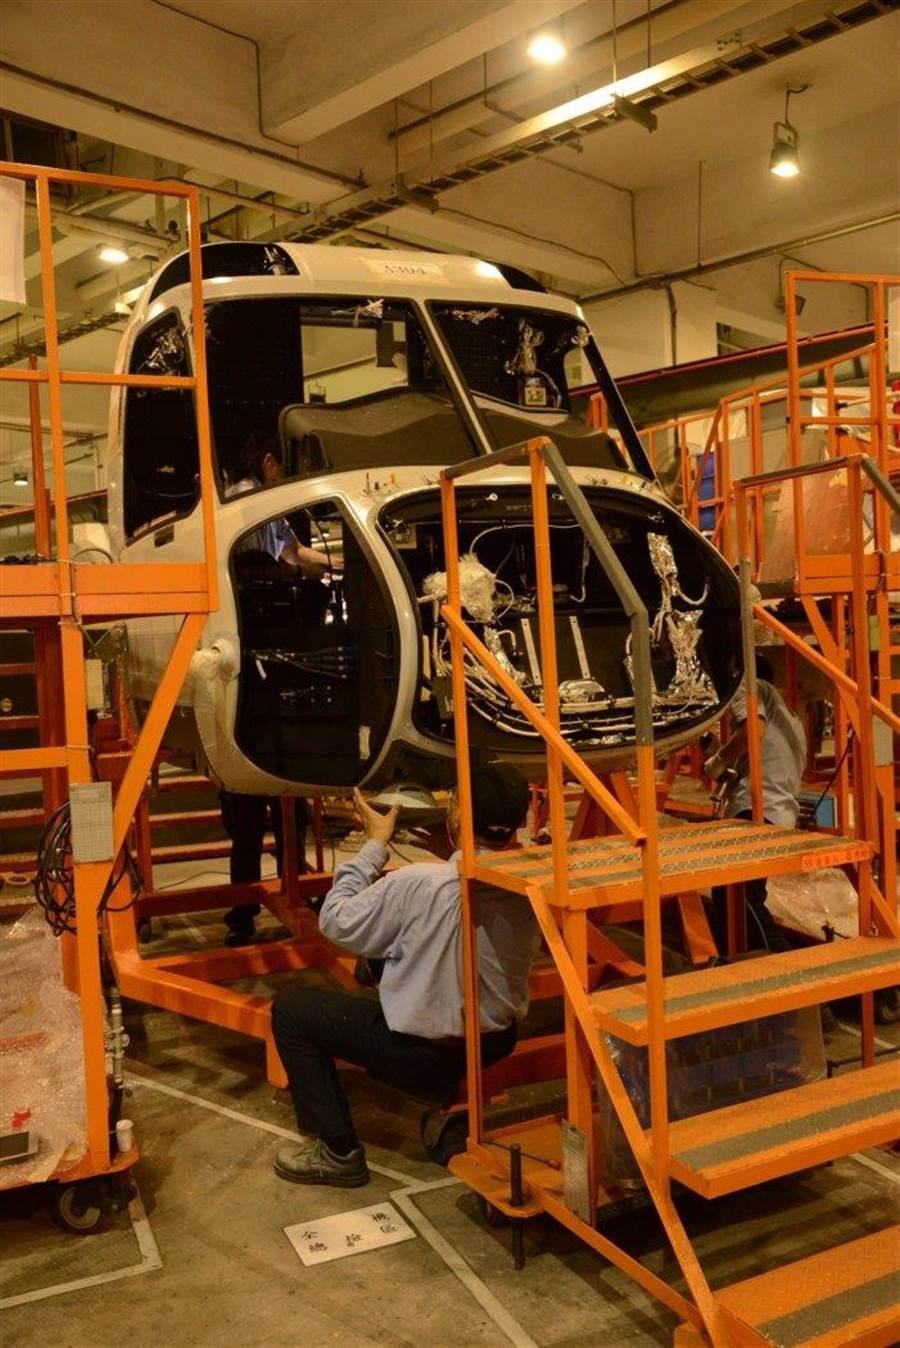 其實S-92直升機與台灣也有一點關係,我們的漢翔航空工業公司,就負責製作S-92的機首部件,是S-92的協力製作廠商。(圖/漢翔工業)